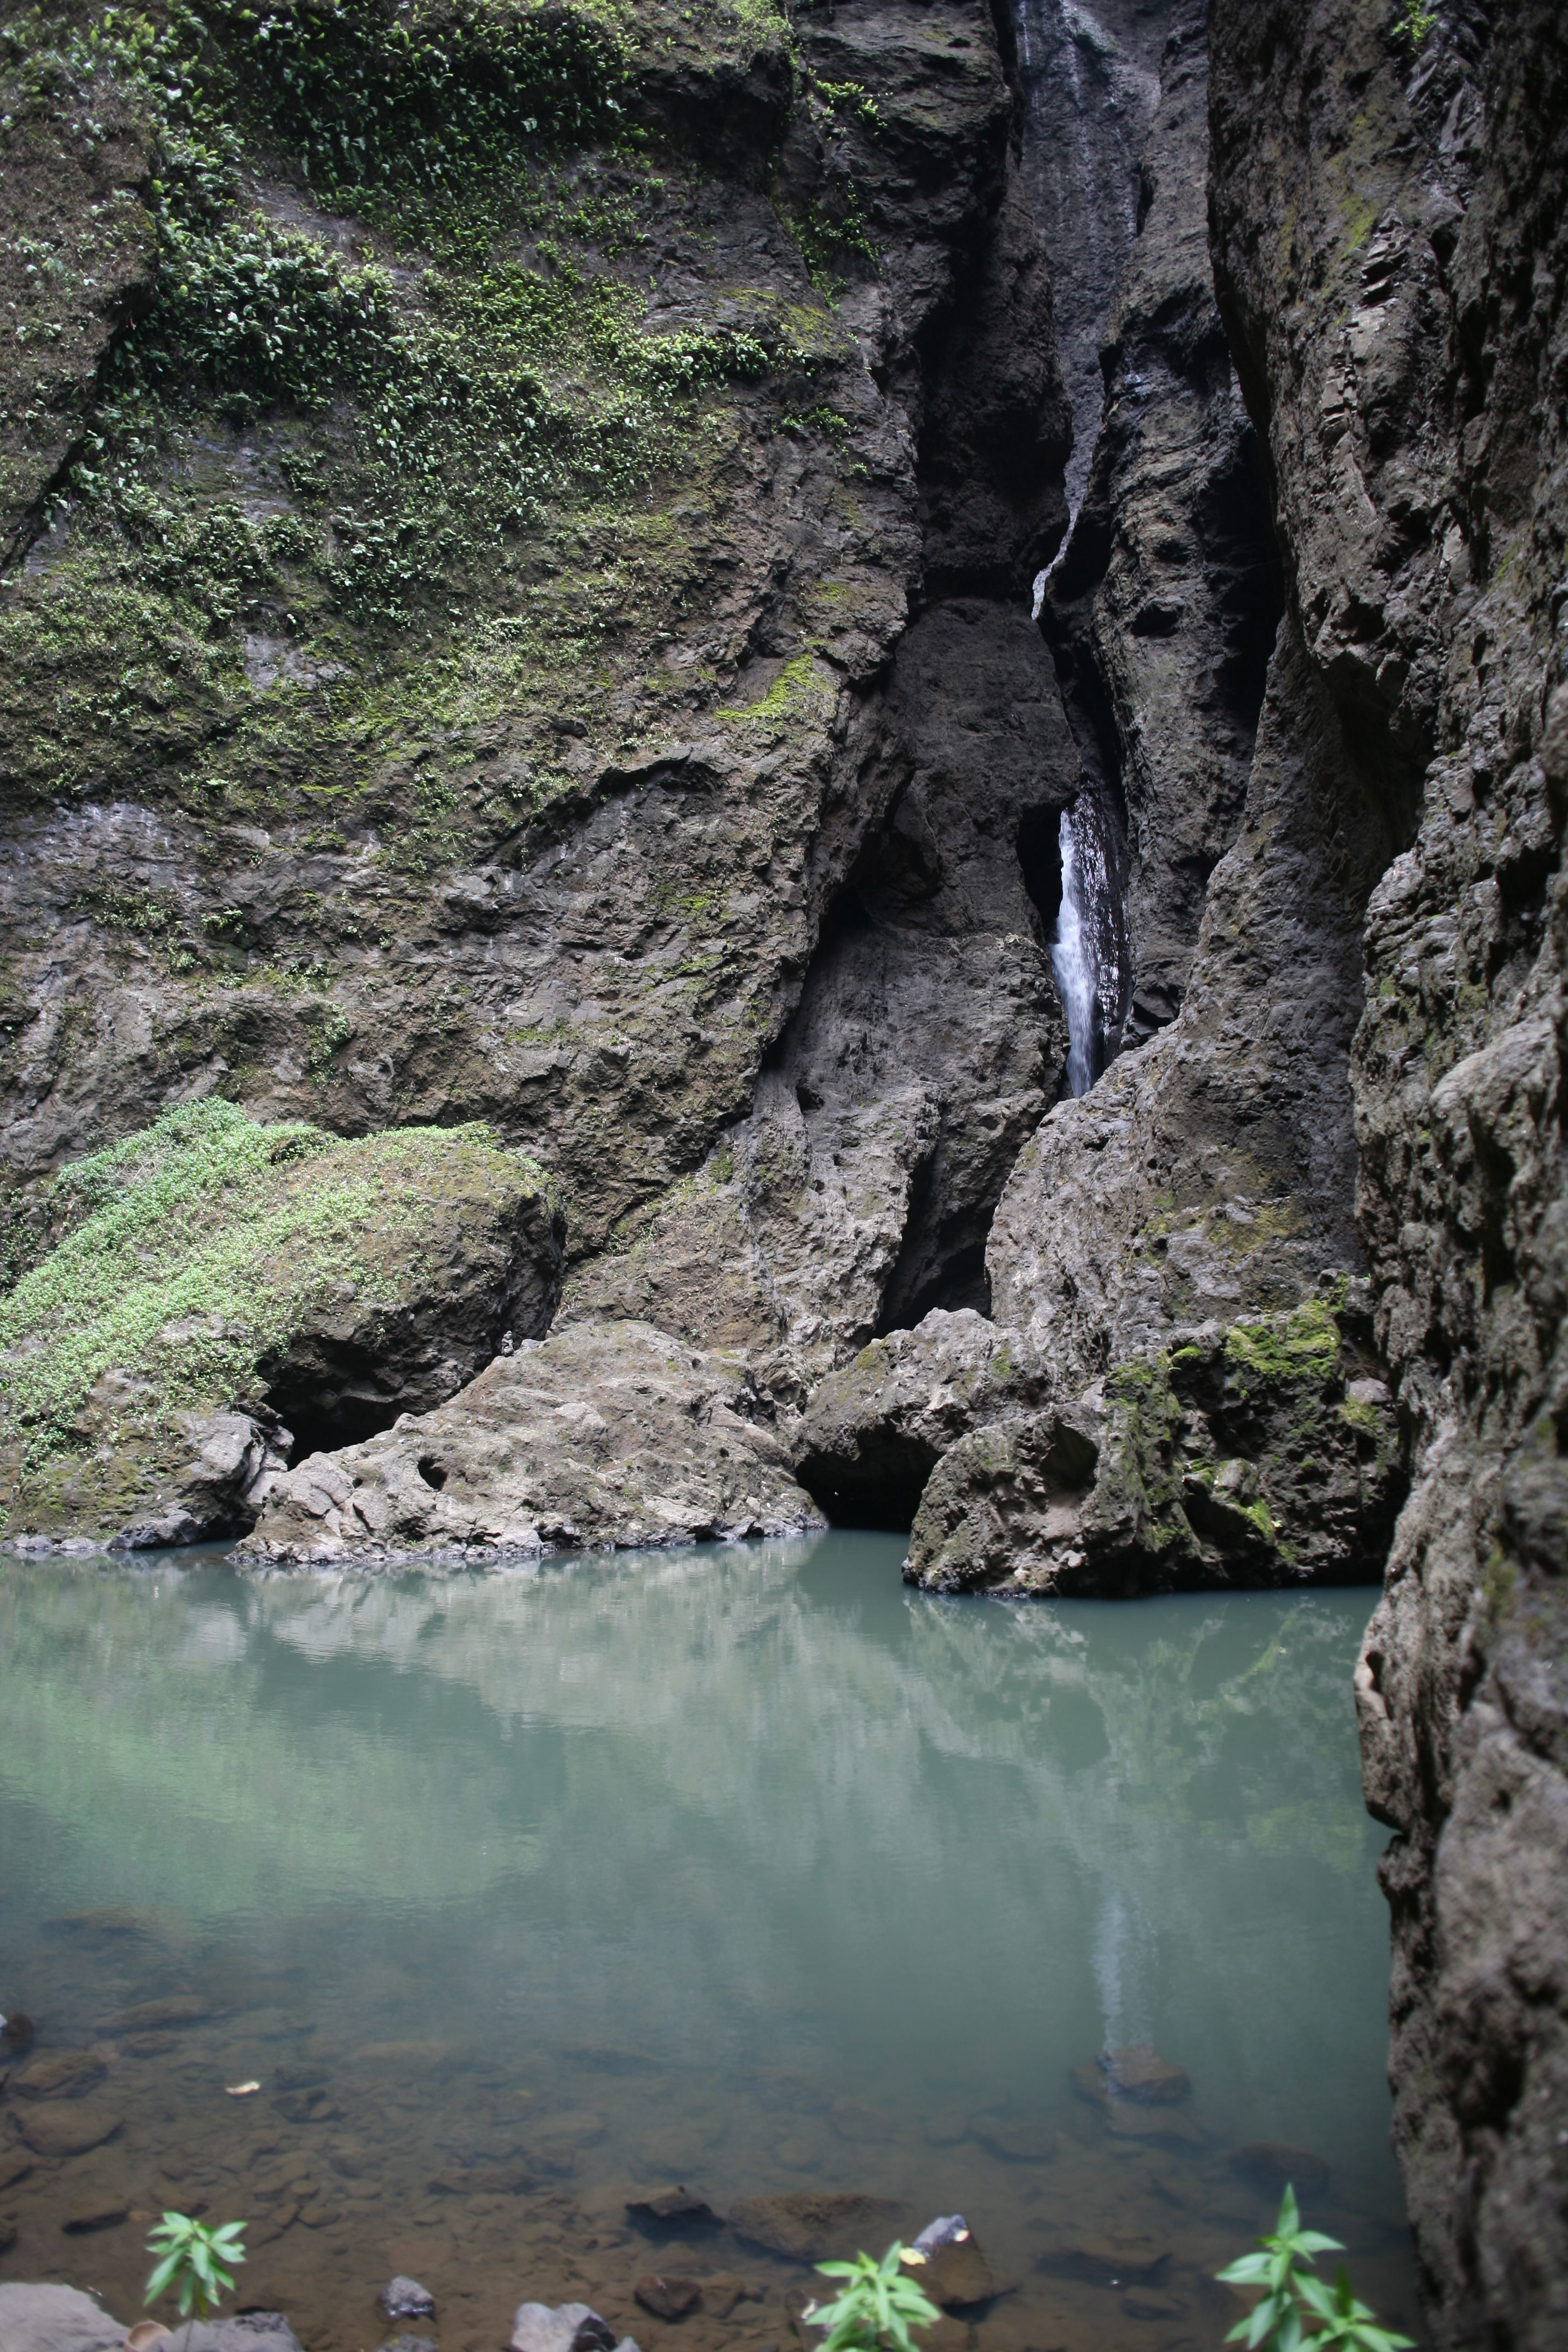 Carnet de voyage hakaui une chute spectaculaire de 350 m - Peut on se baigner dans une piscine trouble ...